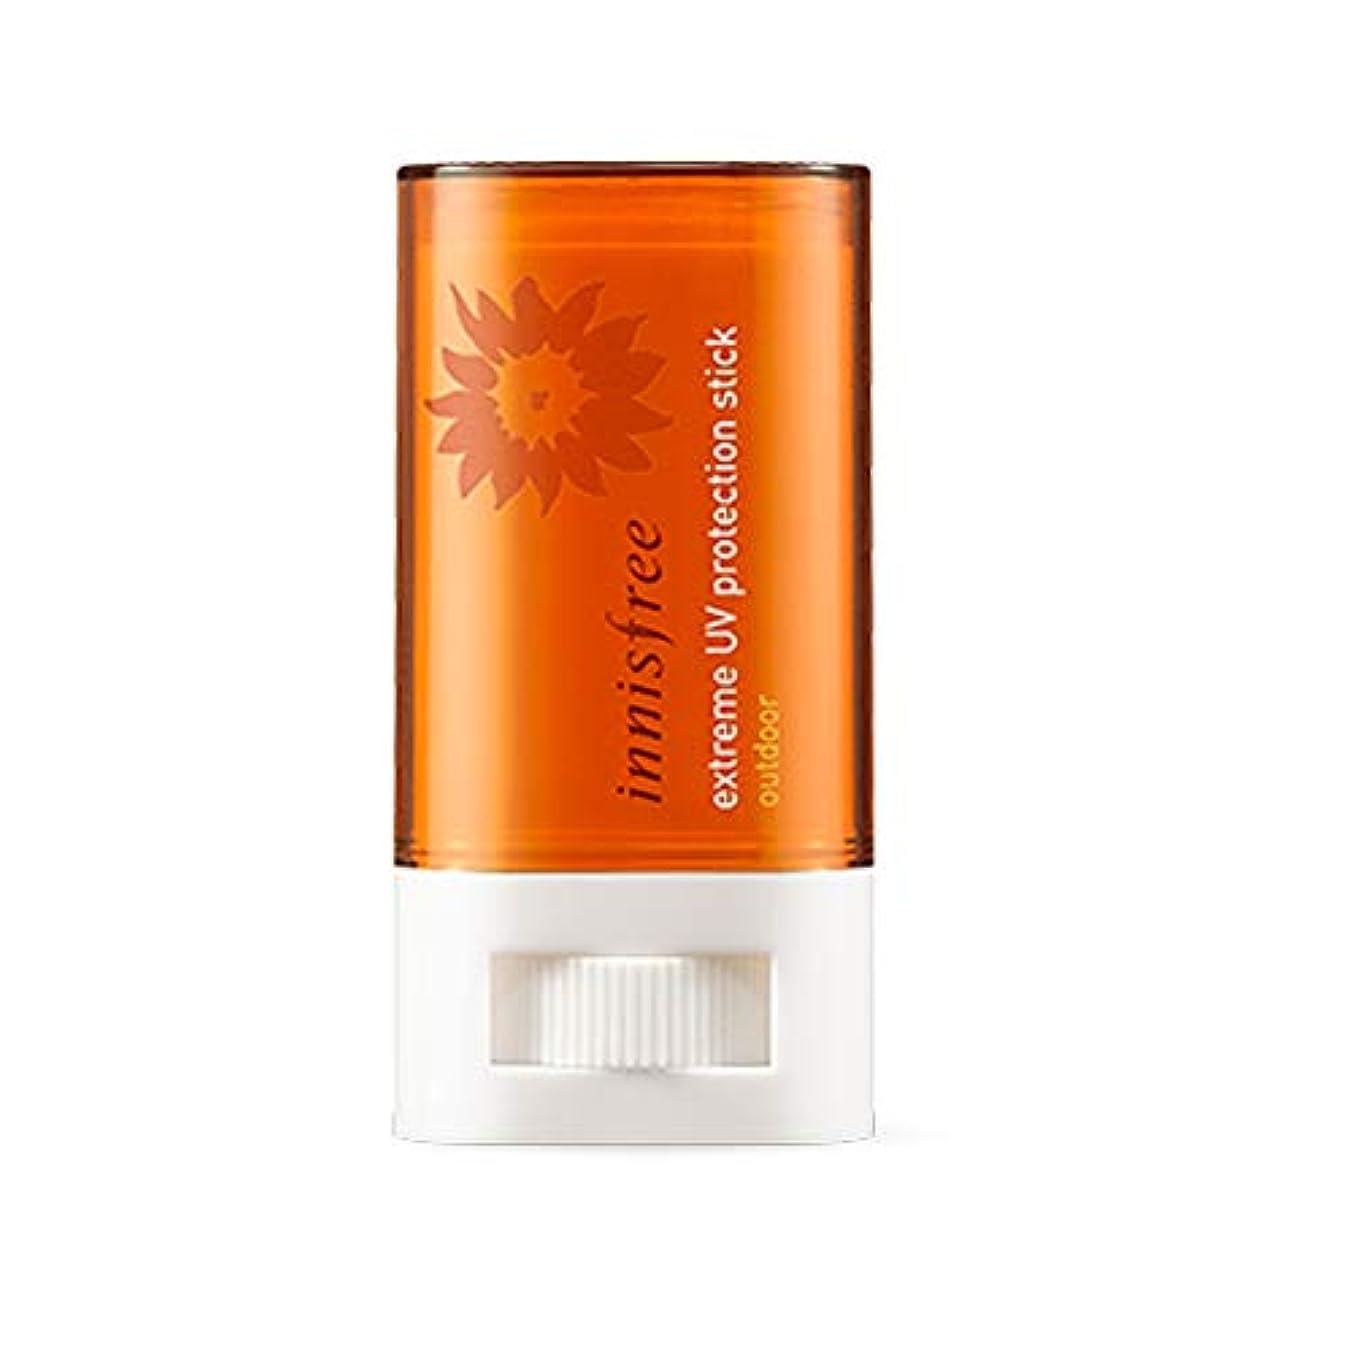 放つ悪因子学校の先生イニスフリーエクストリームUVプロテクションスティックアウトドアSPF50 + PA ++++ 19g Innisfree Extreme UV Protection Stick Outdoor SPF50 + PA +...